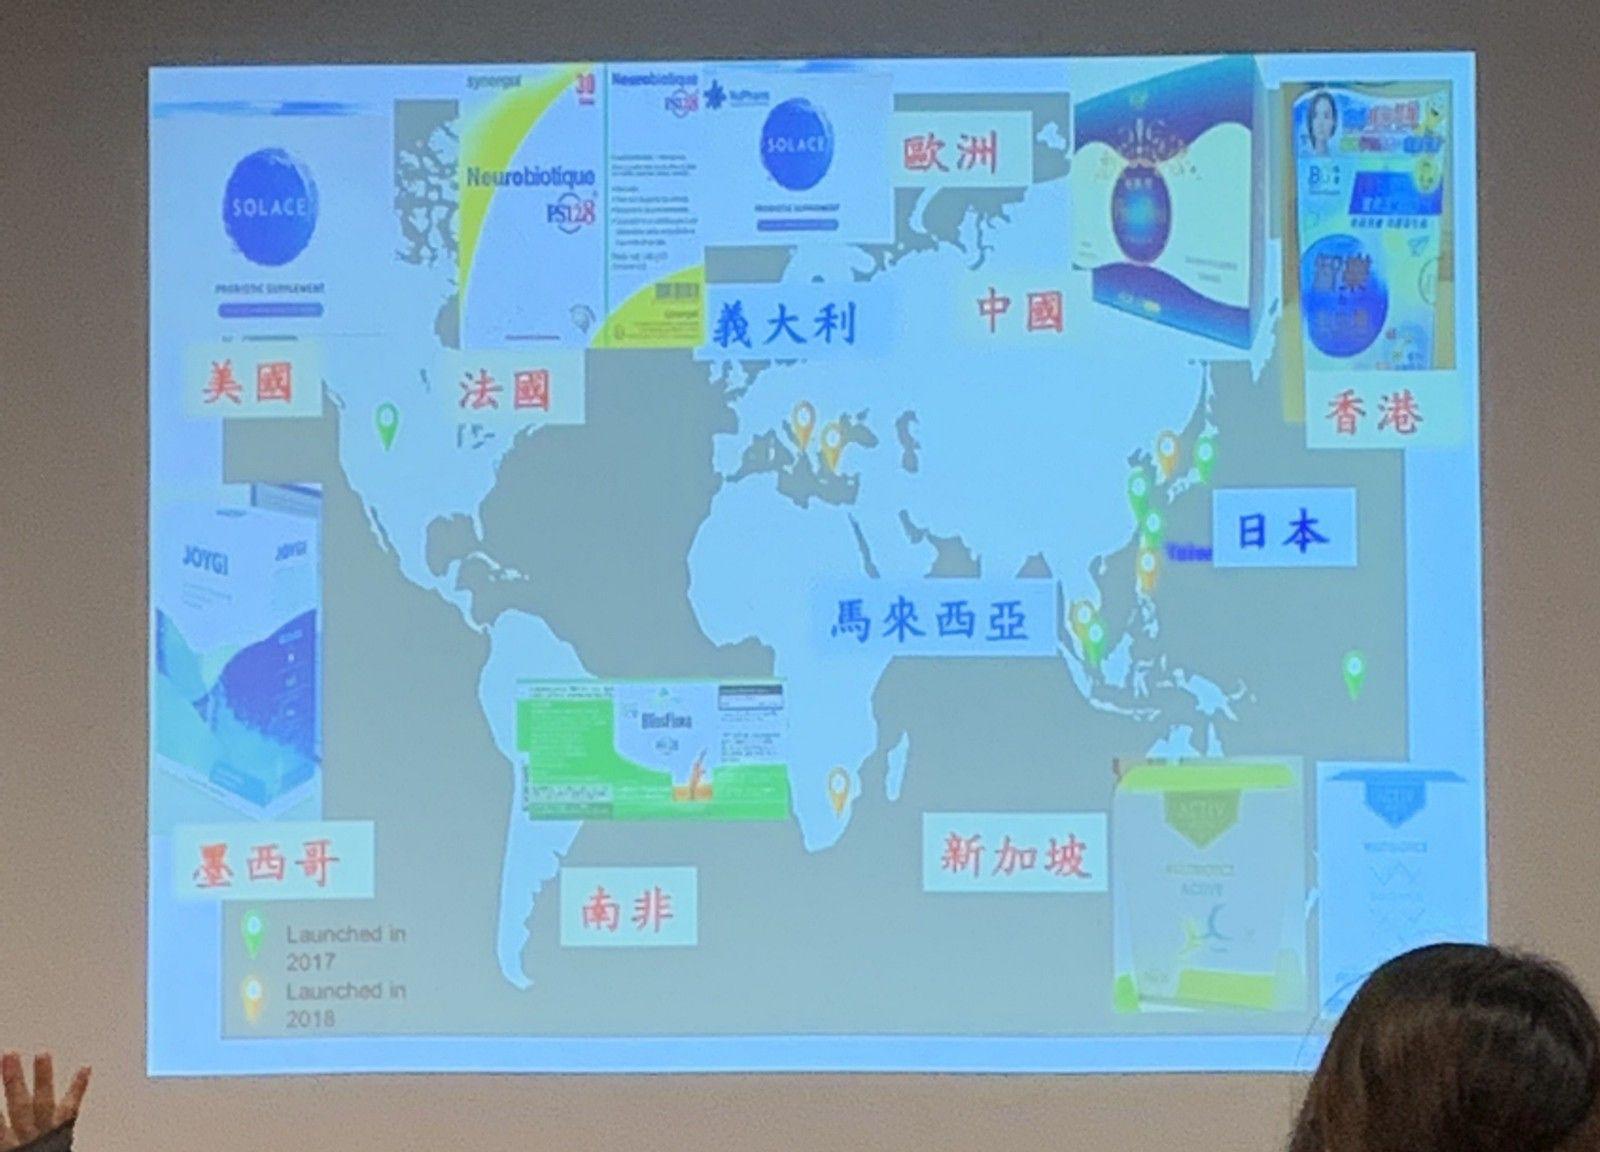 惠生妍益生菌已行銷多國,並透過不同品牌帶給許多人腸道保健選擇。